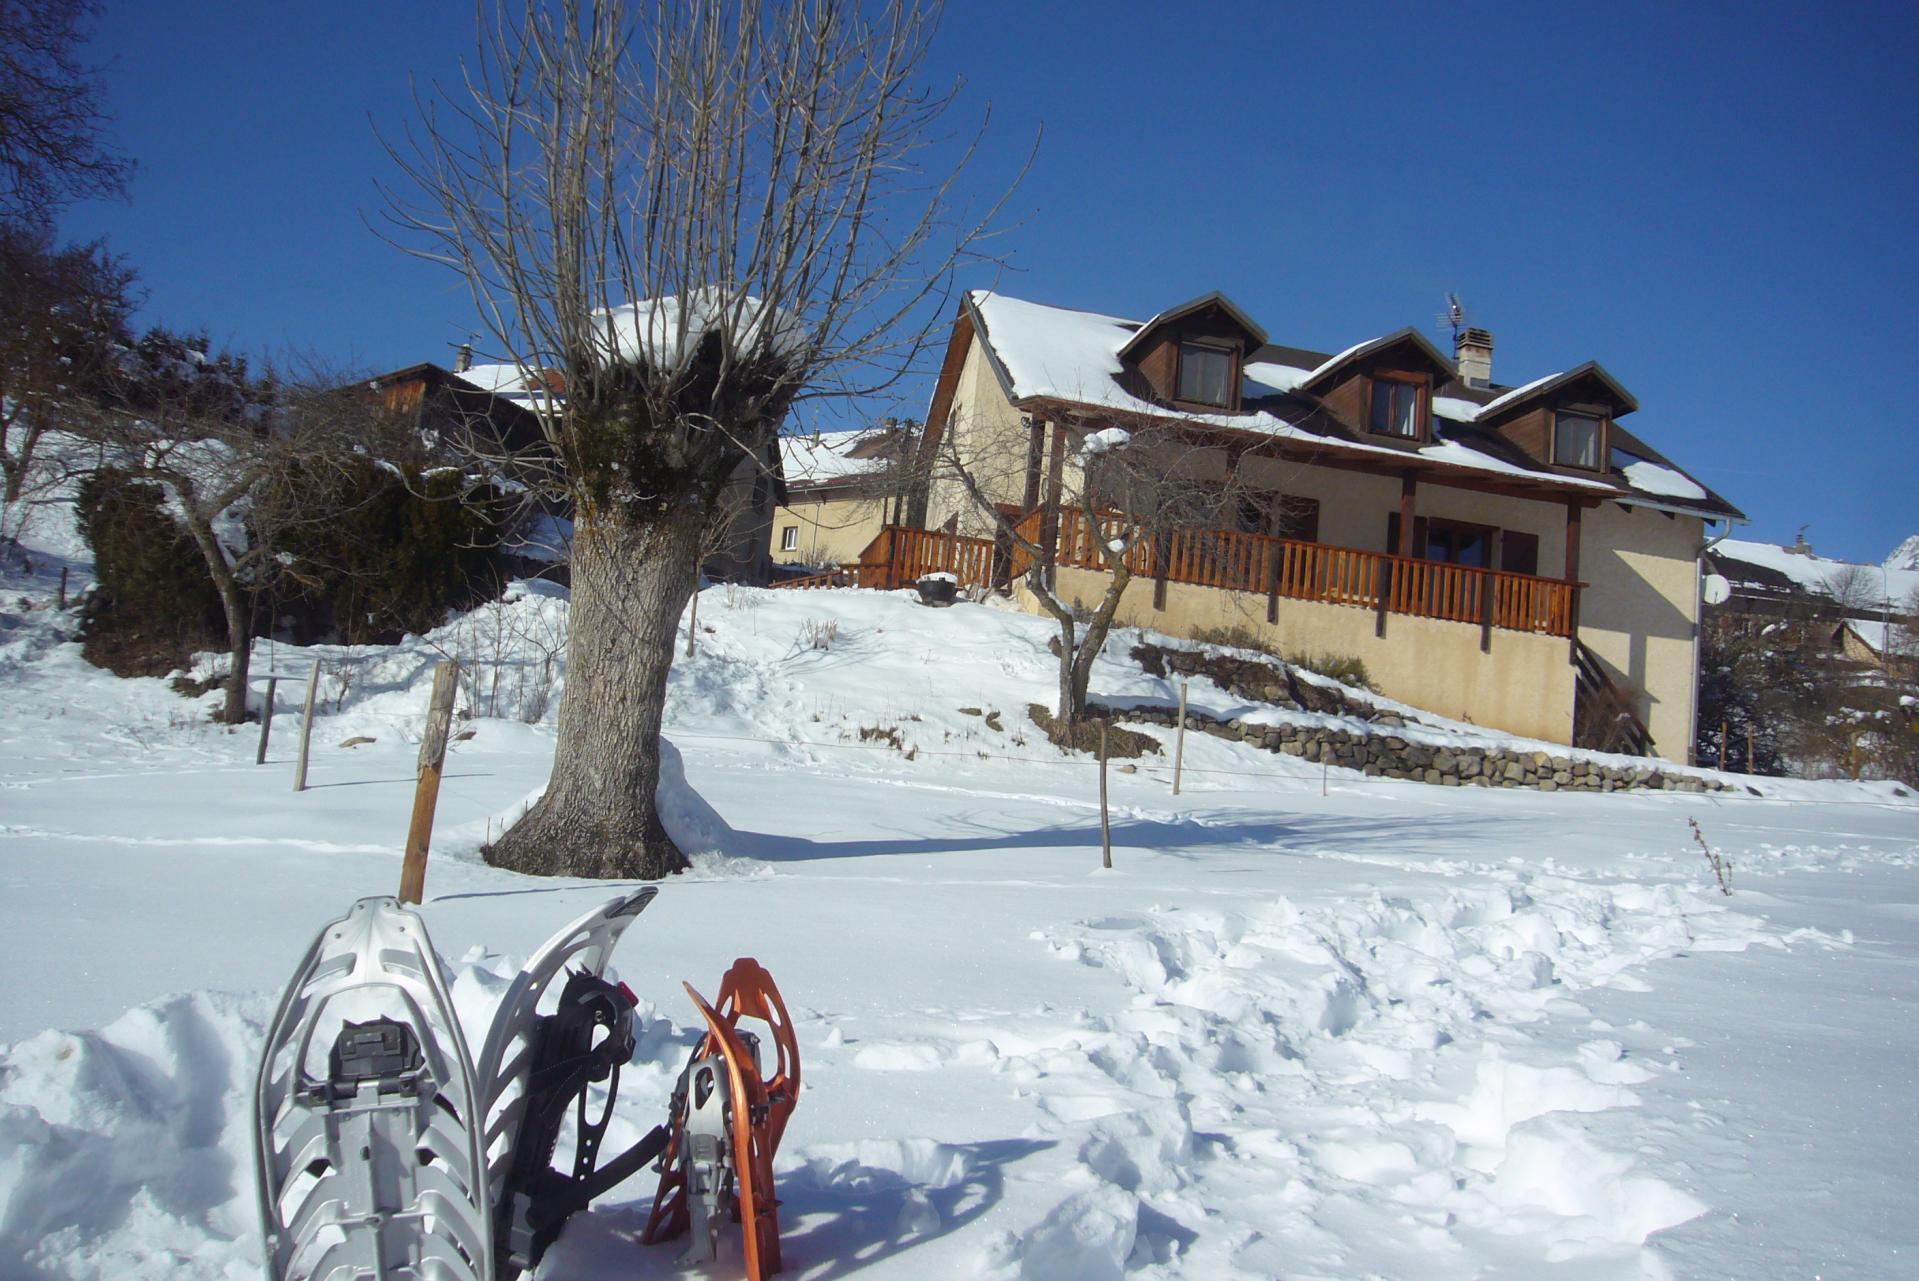 Chambre d 39 hote st julien en champsaur hautes alpes - Chambre d hotes hautes alpes ...